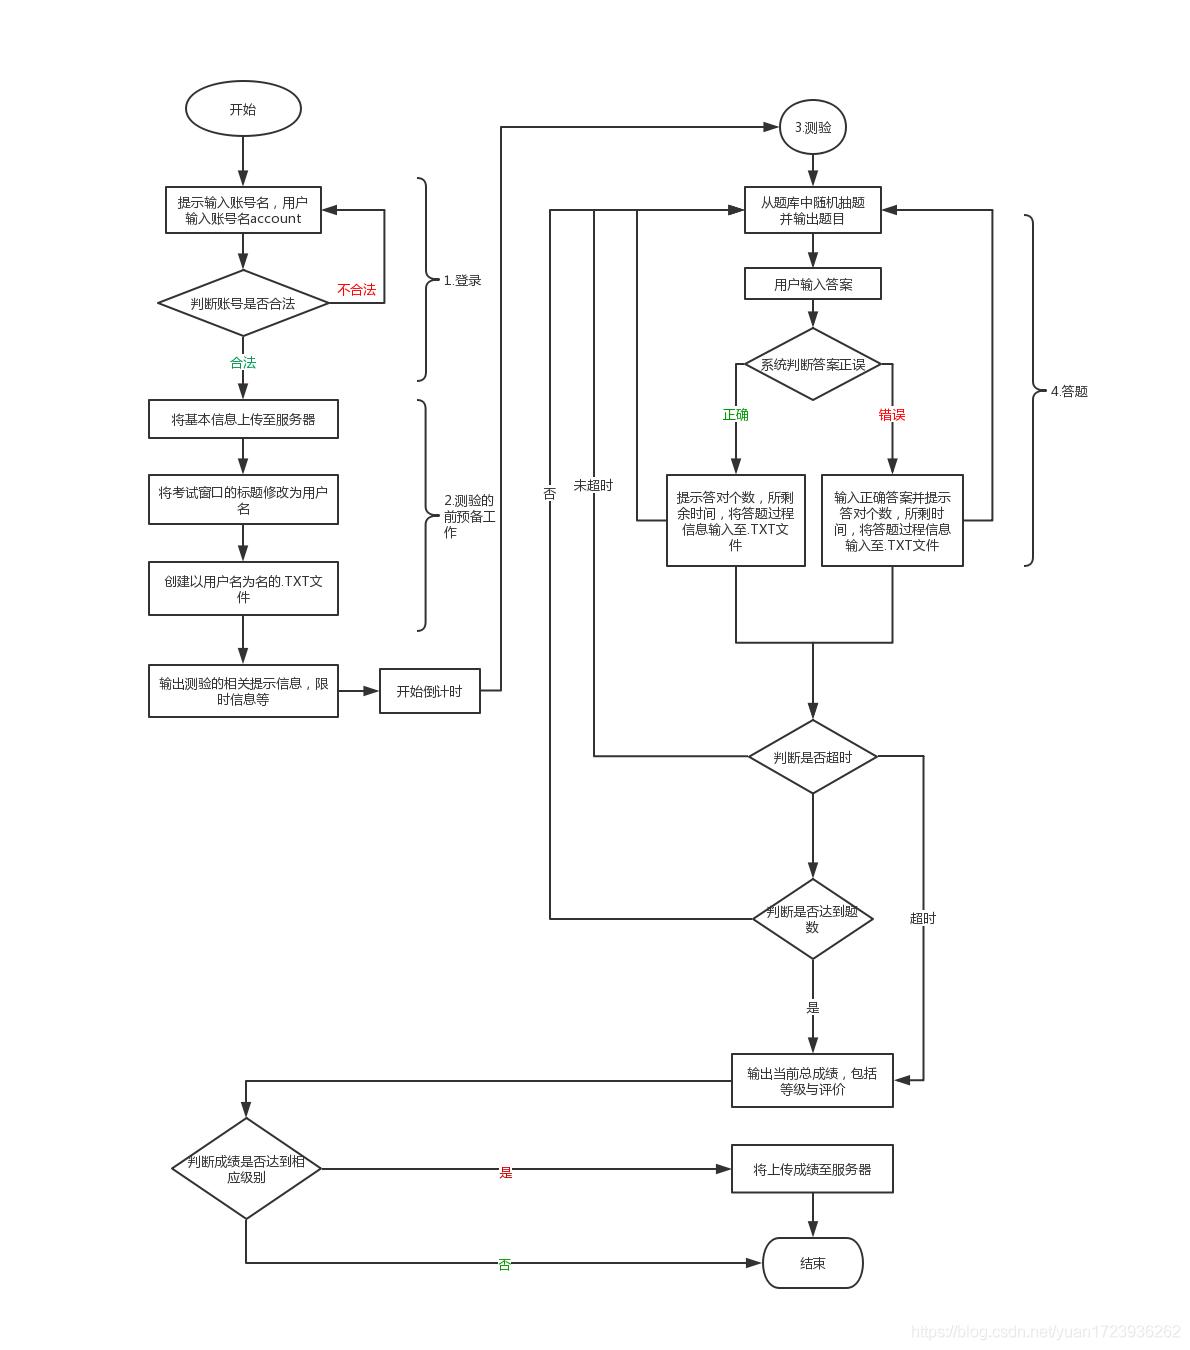 这是基本的流程图设计,主要方便于编程时的主次顺序